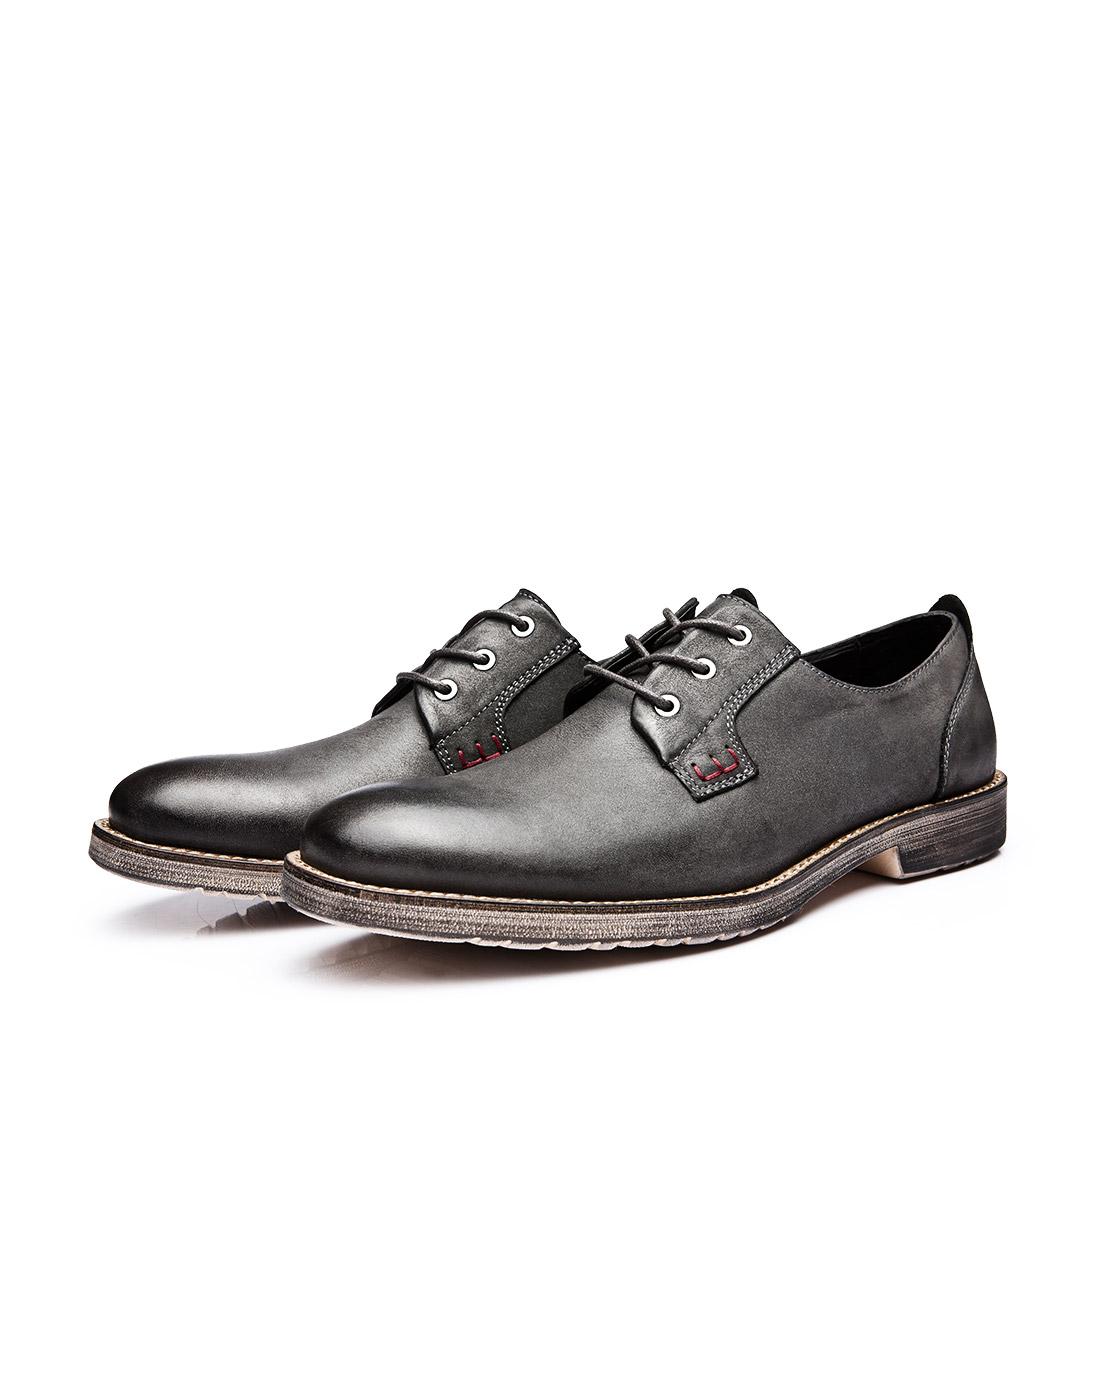 策恩ceen灰色复古真皮英伦风欧美男鞋x0255d